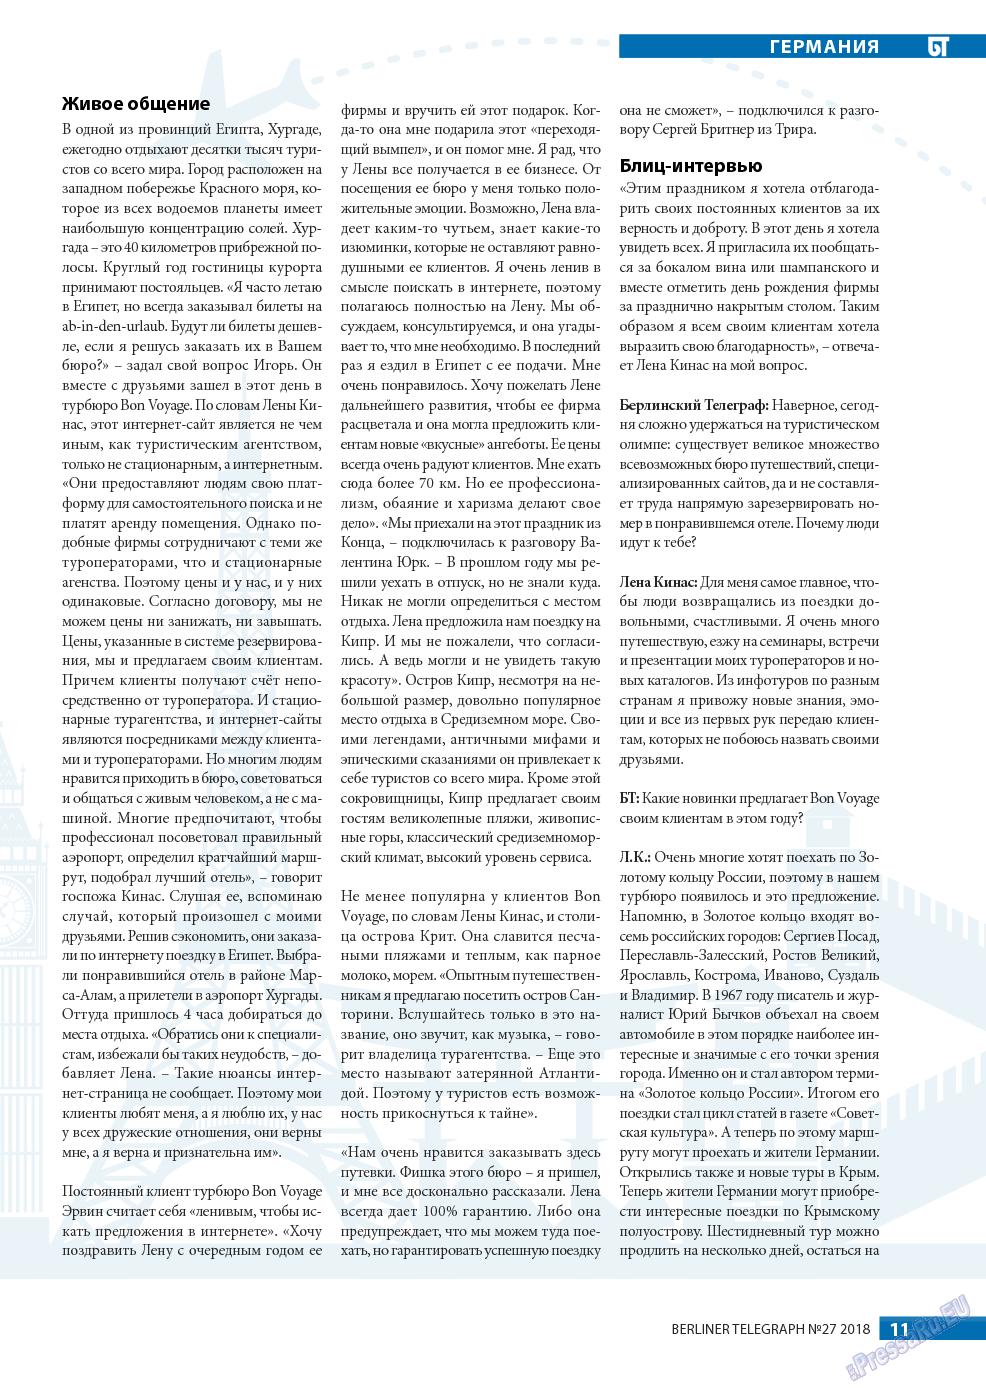 Берлинский телеграф (журнал). 2018 год, номер 27, стр. 11